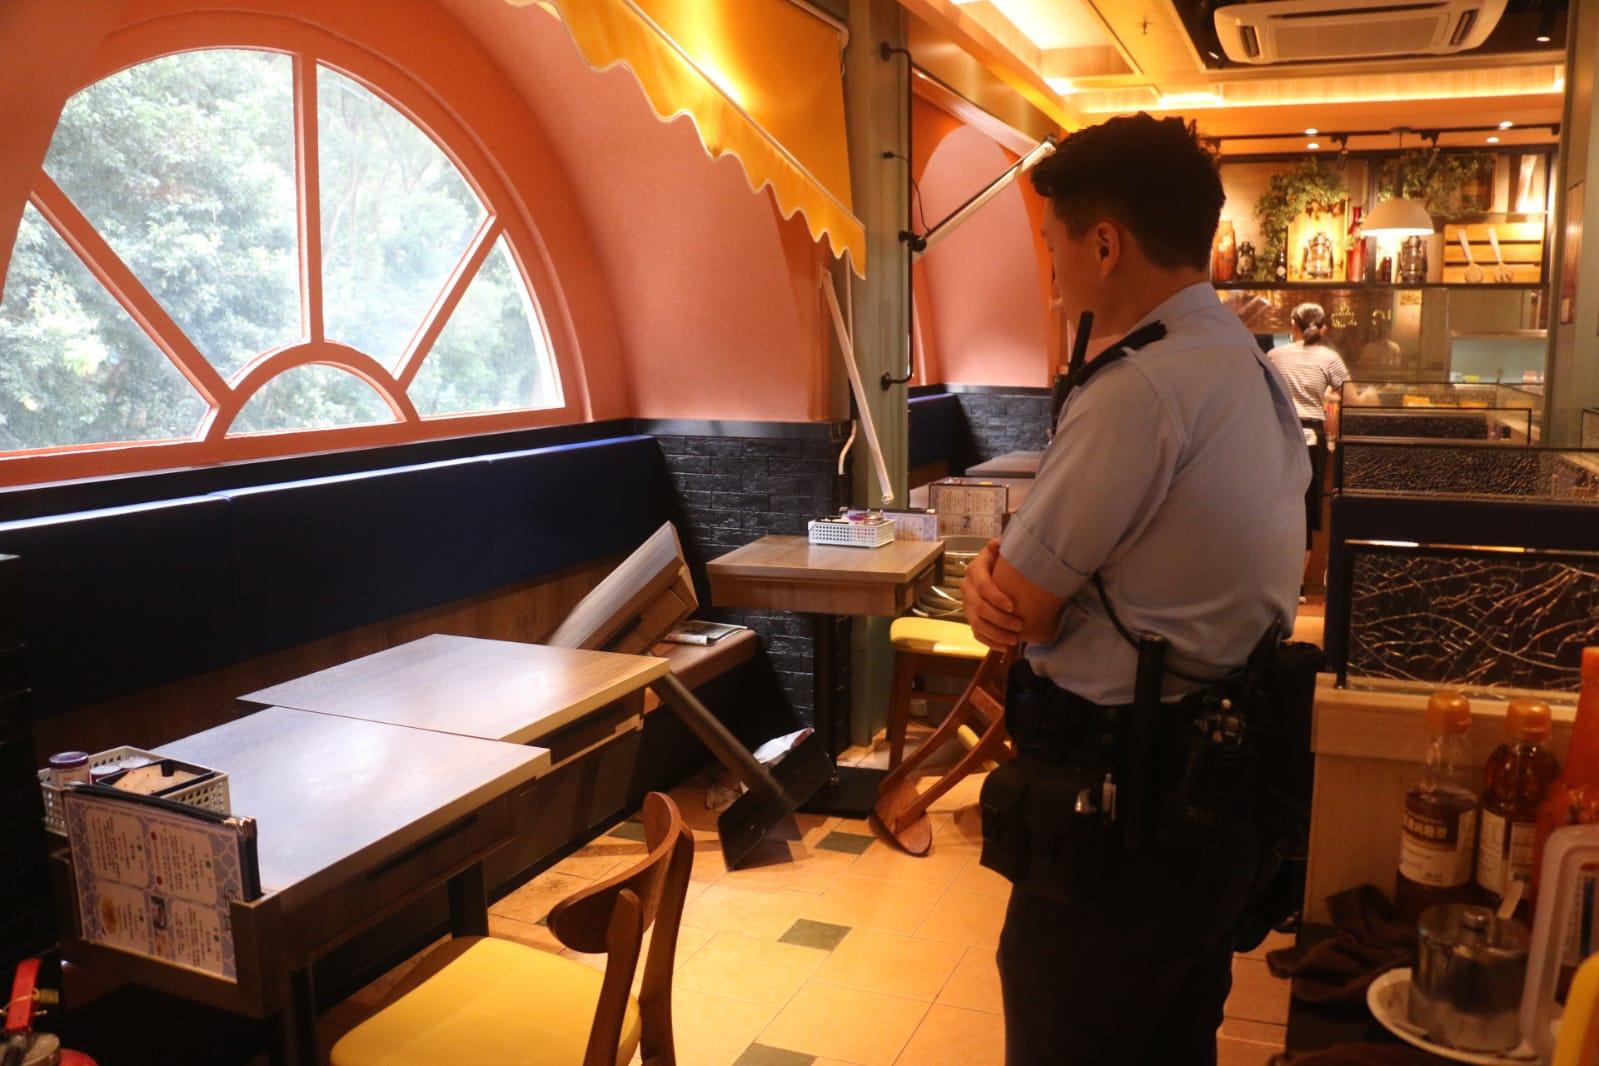 茶餐廳內有枱櫈被推倒。歐陽偉光攝